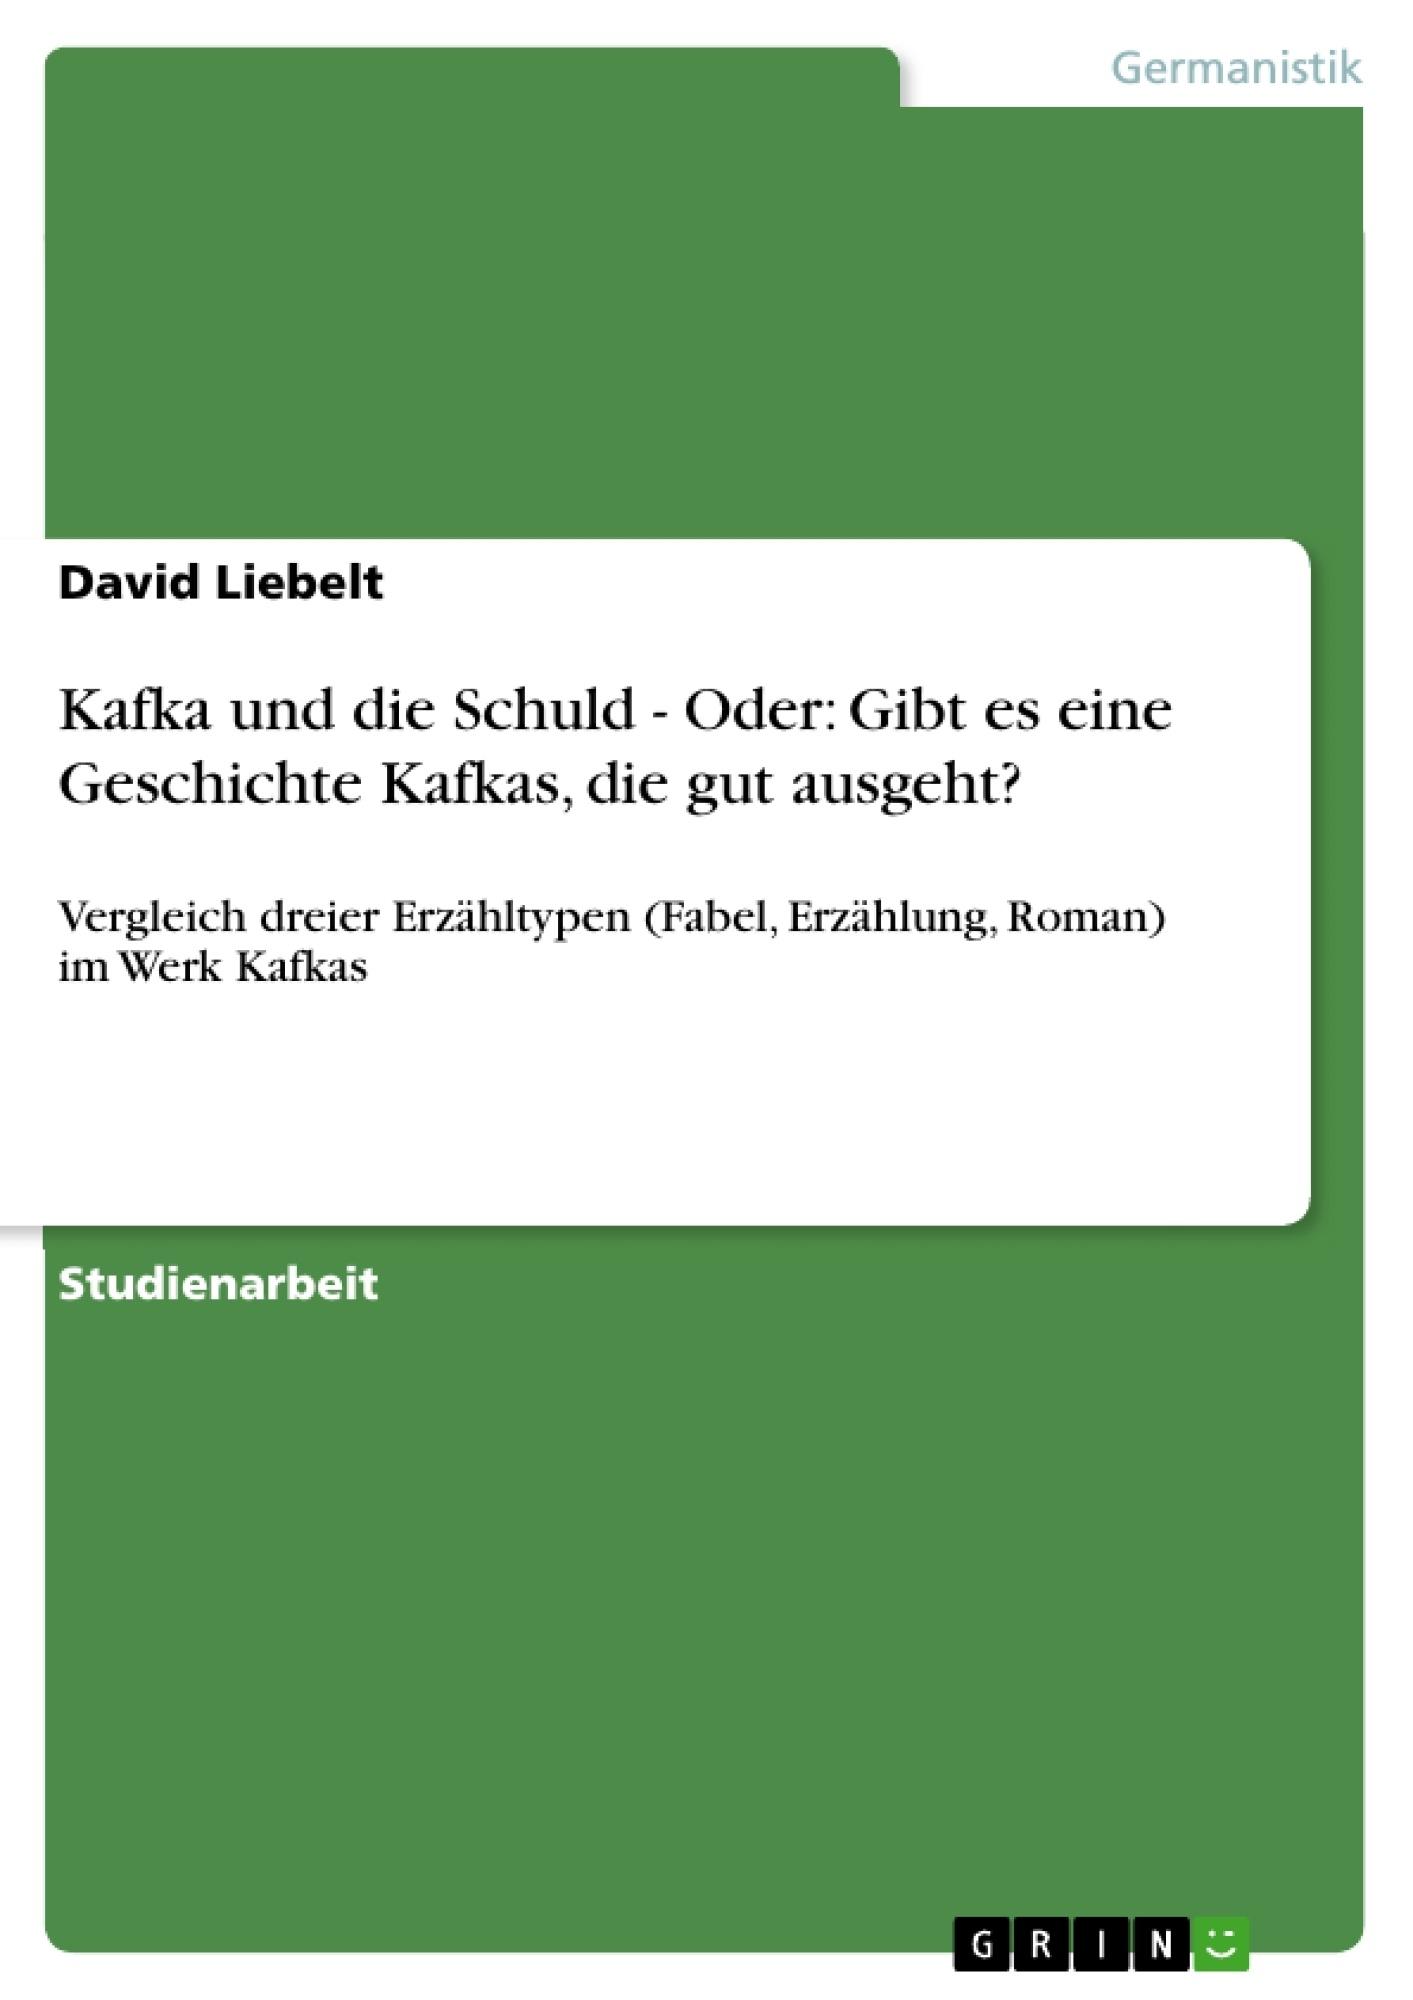 Titel: Kafka und die Schuld - Oder: Gibt es eine Geschichte Kafkas, die gut ausgeht?